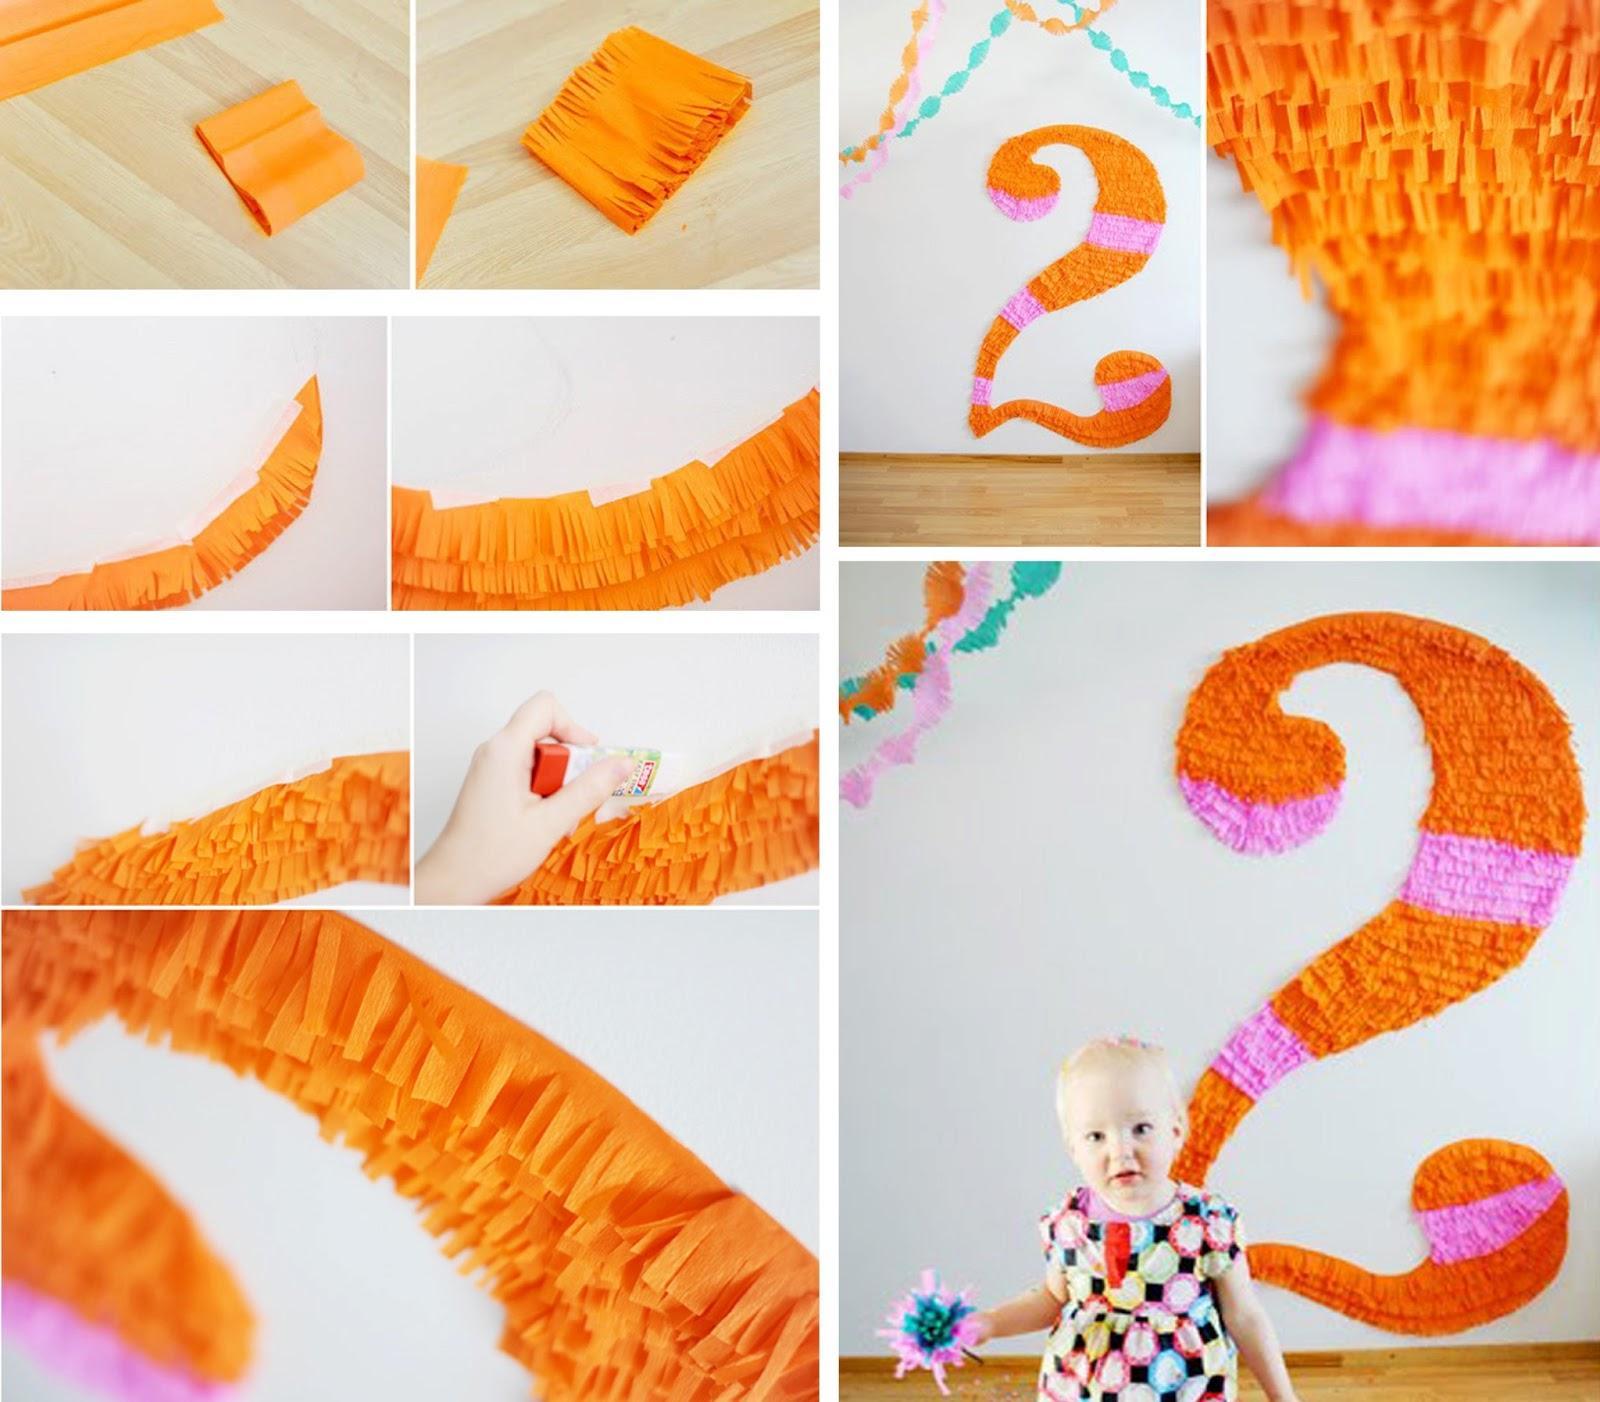 Letras personalicemos nuestras cosas paperblog for Cosas de casa decoracion online